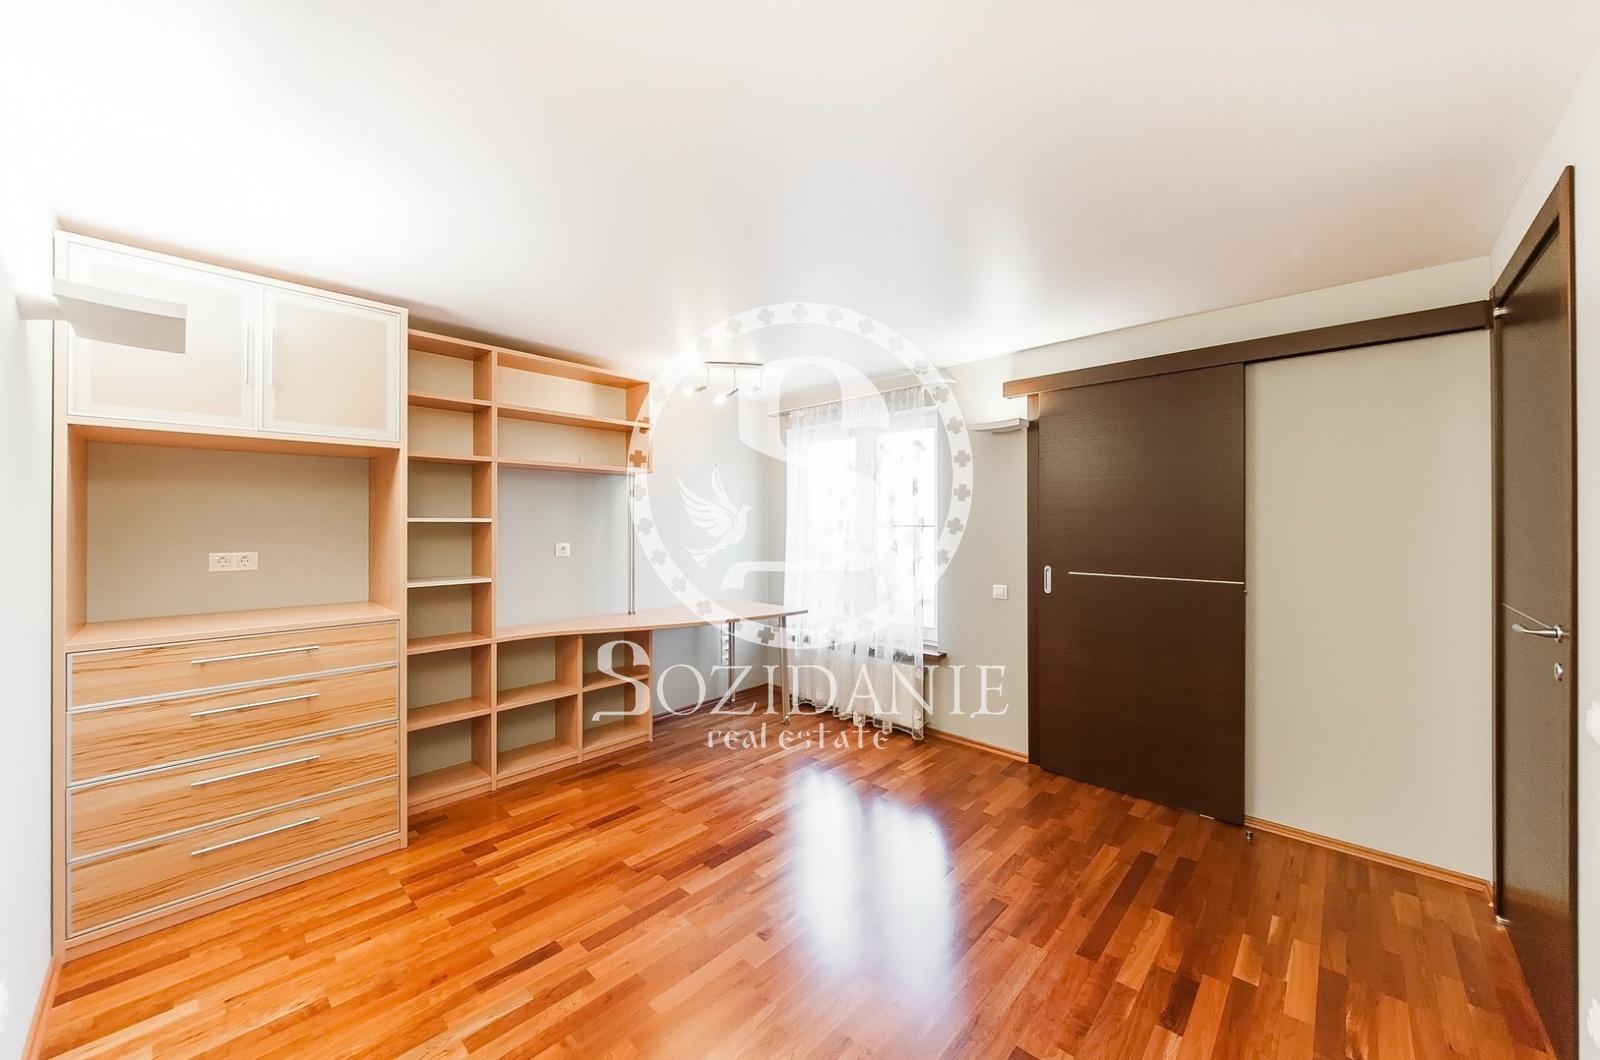 4 Bedrooms, Загородная, Продажа, Listing ID 1386, Московская область, Россия,